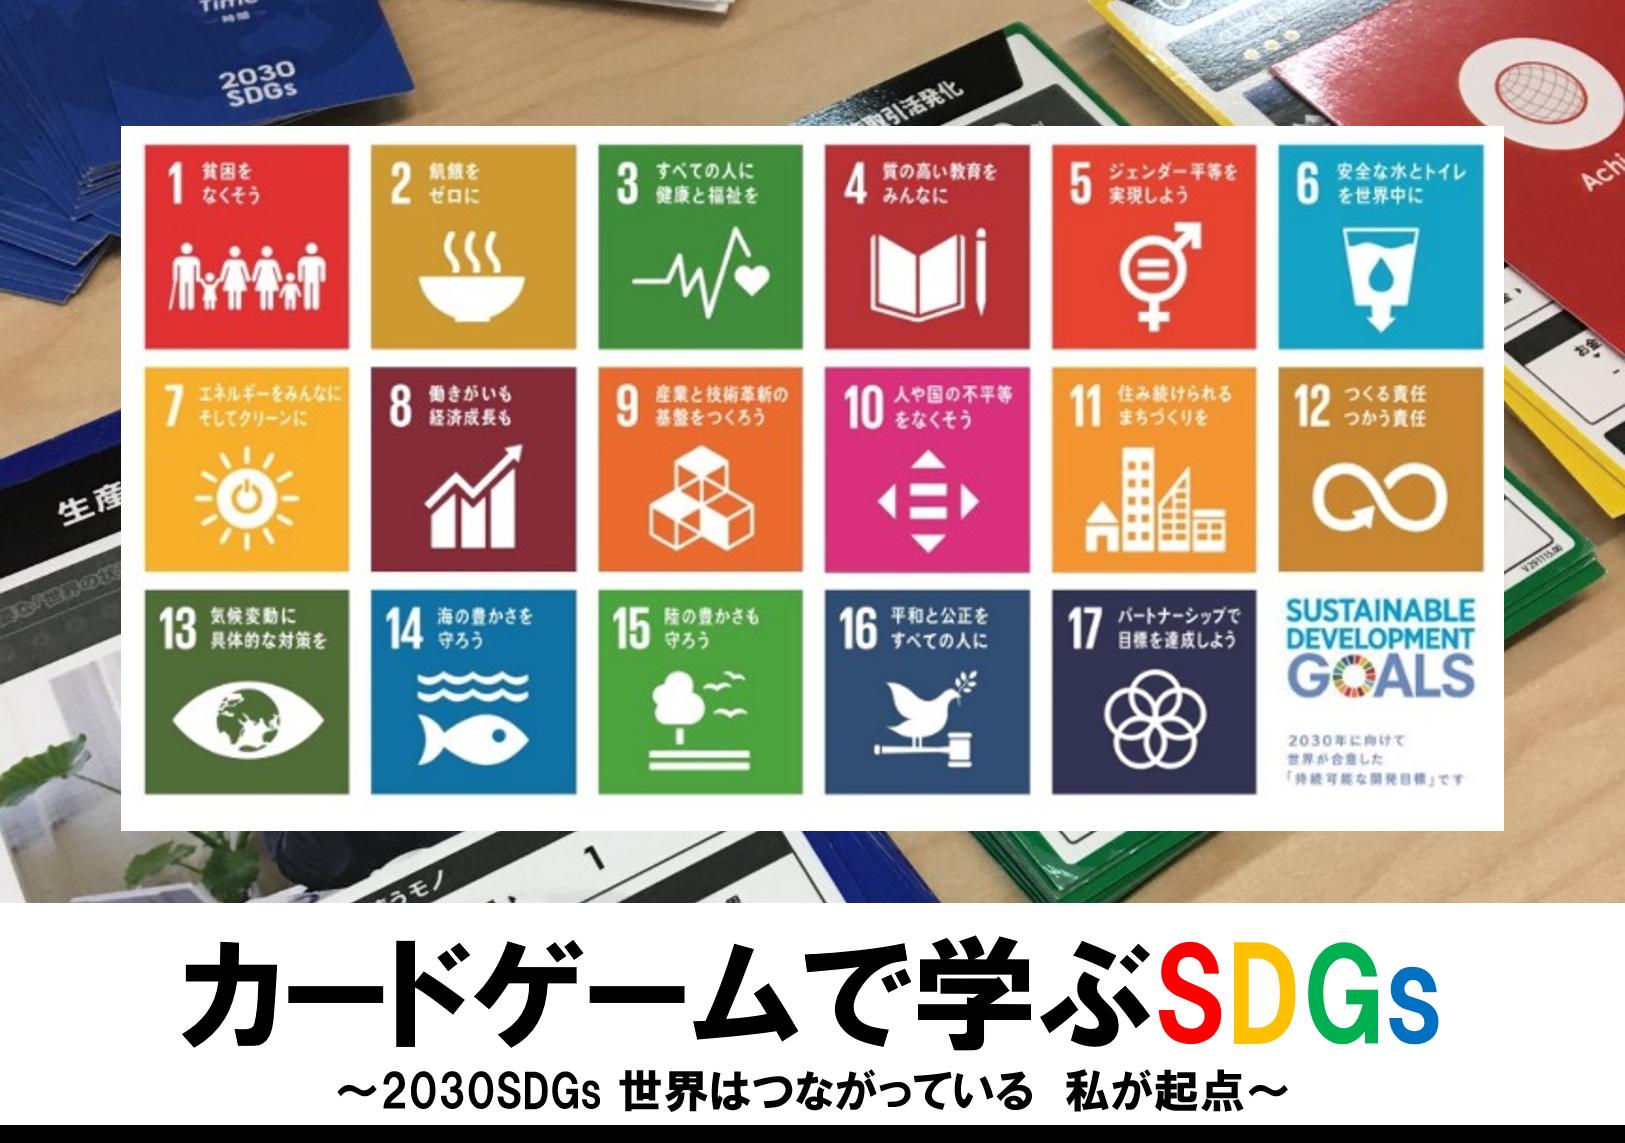 【受付中】カードゲームで学ぶSDGsを学ぶ~2030SDGs 世界はつながっている 私が起点~